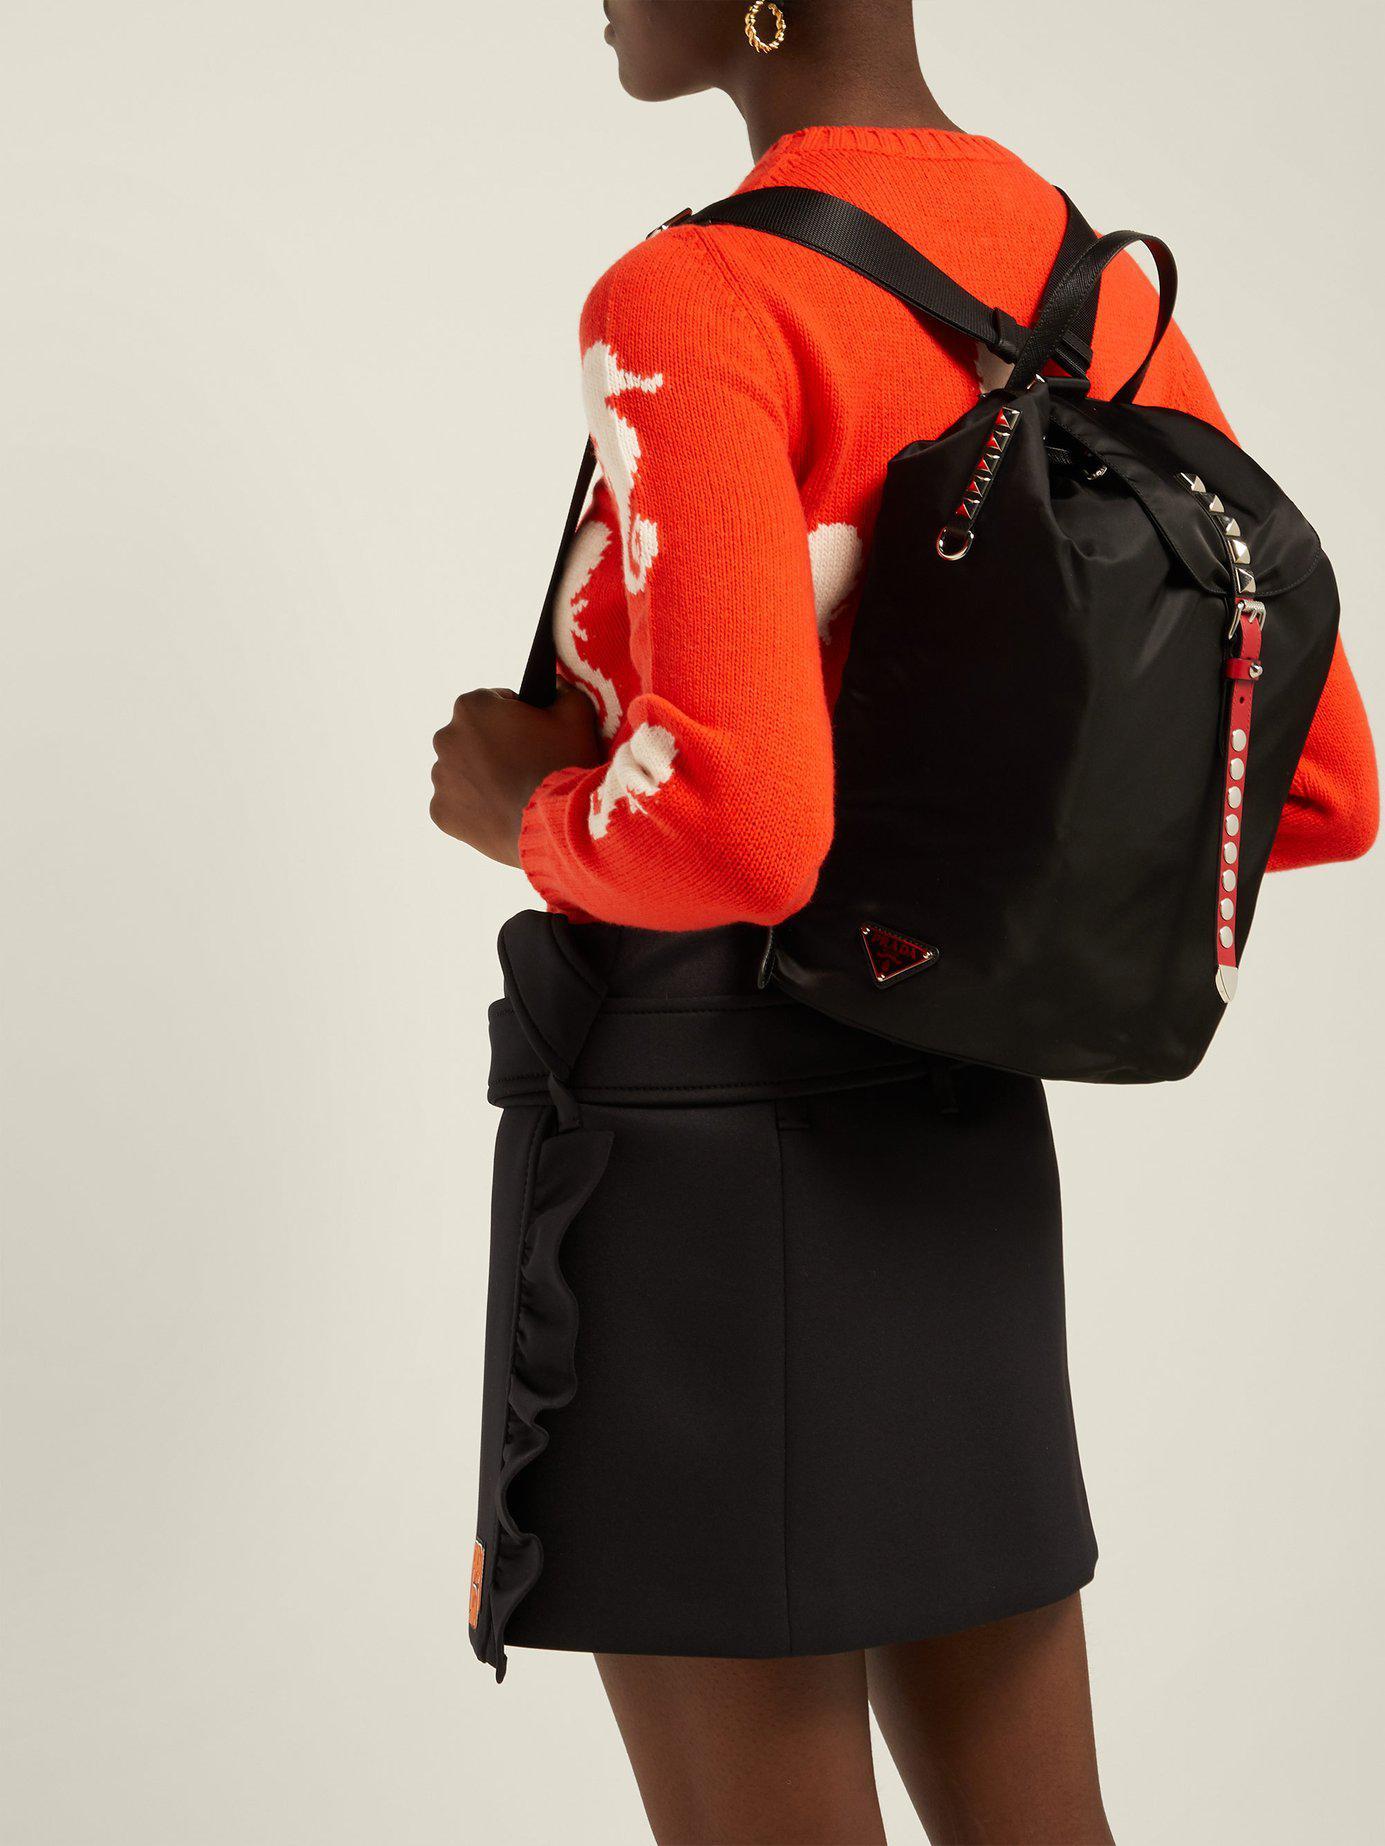 febb46c85ff7 Lyst - Prada New Vela Studded Nylon Backpack in Black